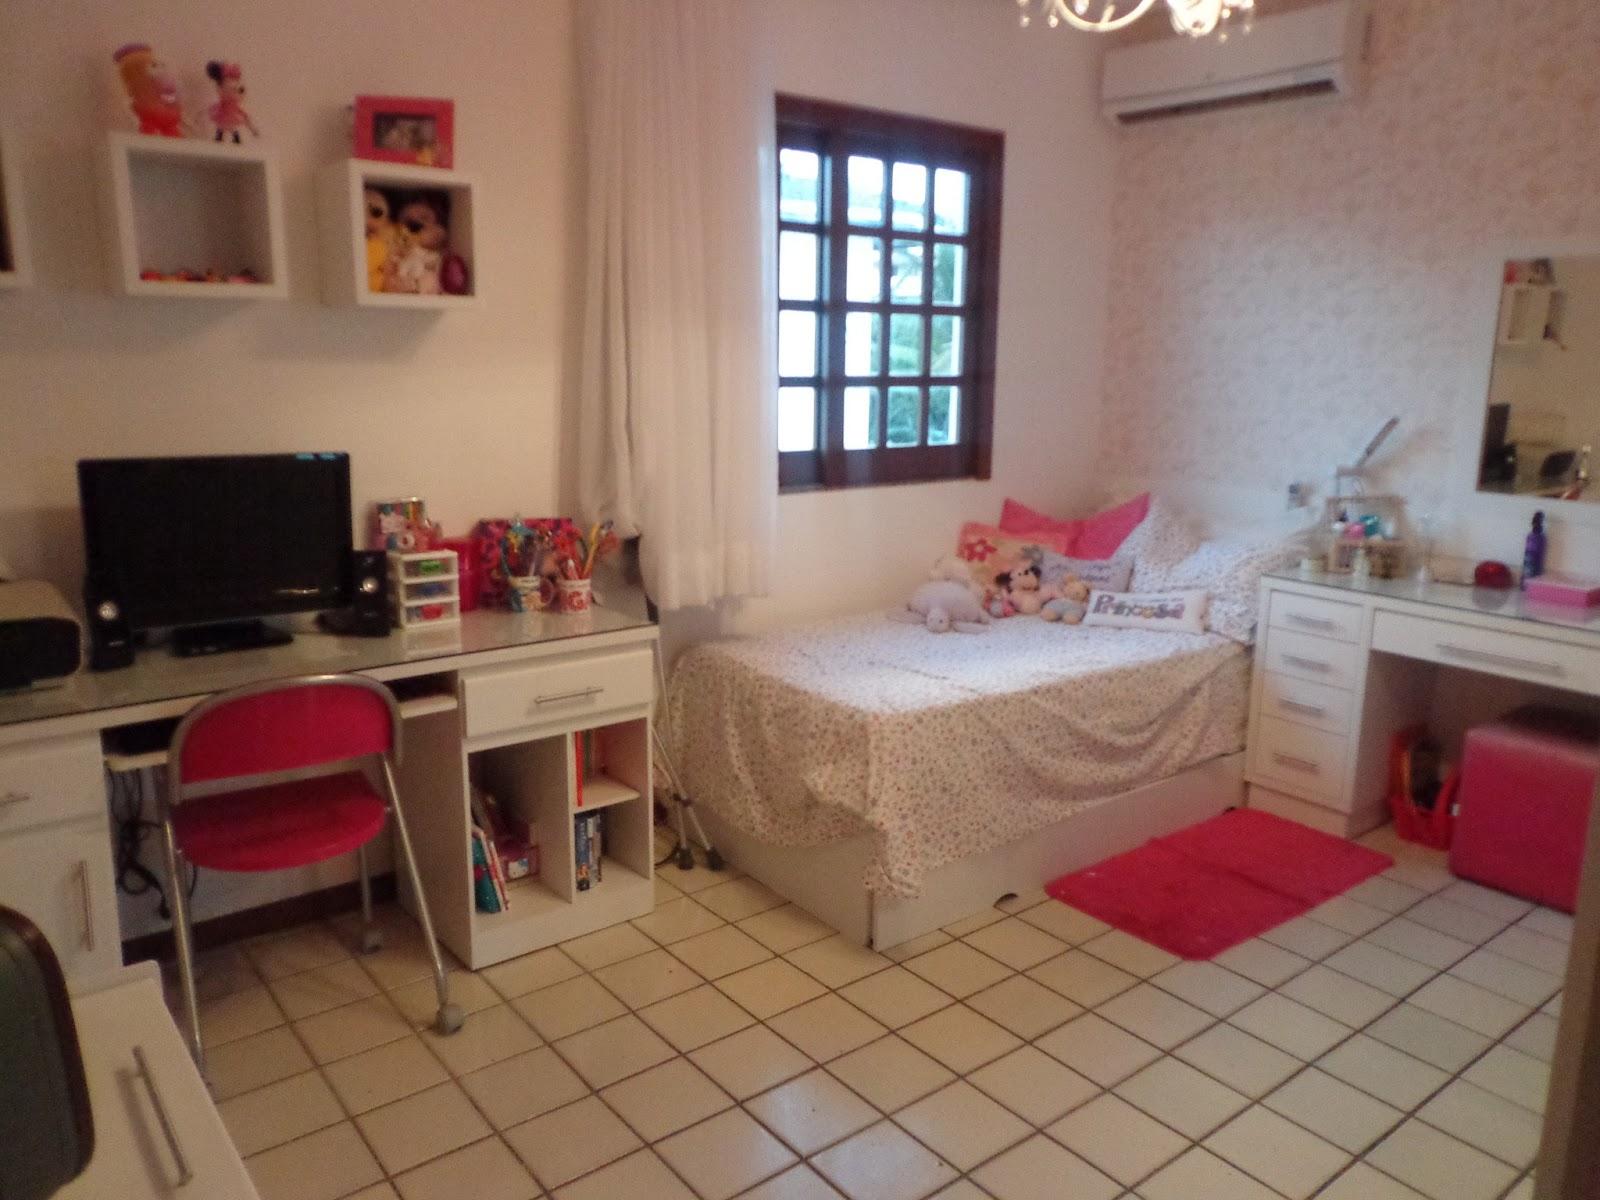 Room Tour Pelo Meu Quarto CUTE DORM ROOM IDEAS #713430 1600 1200